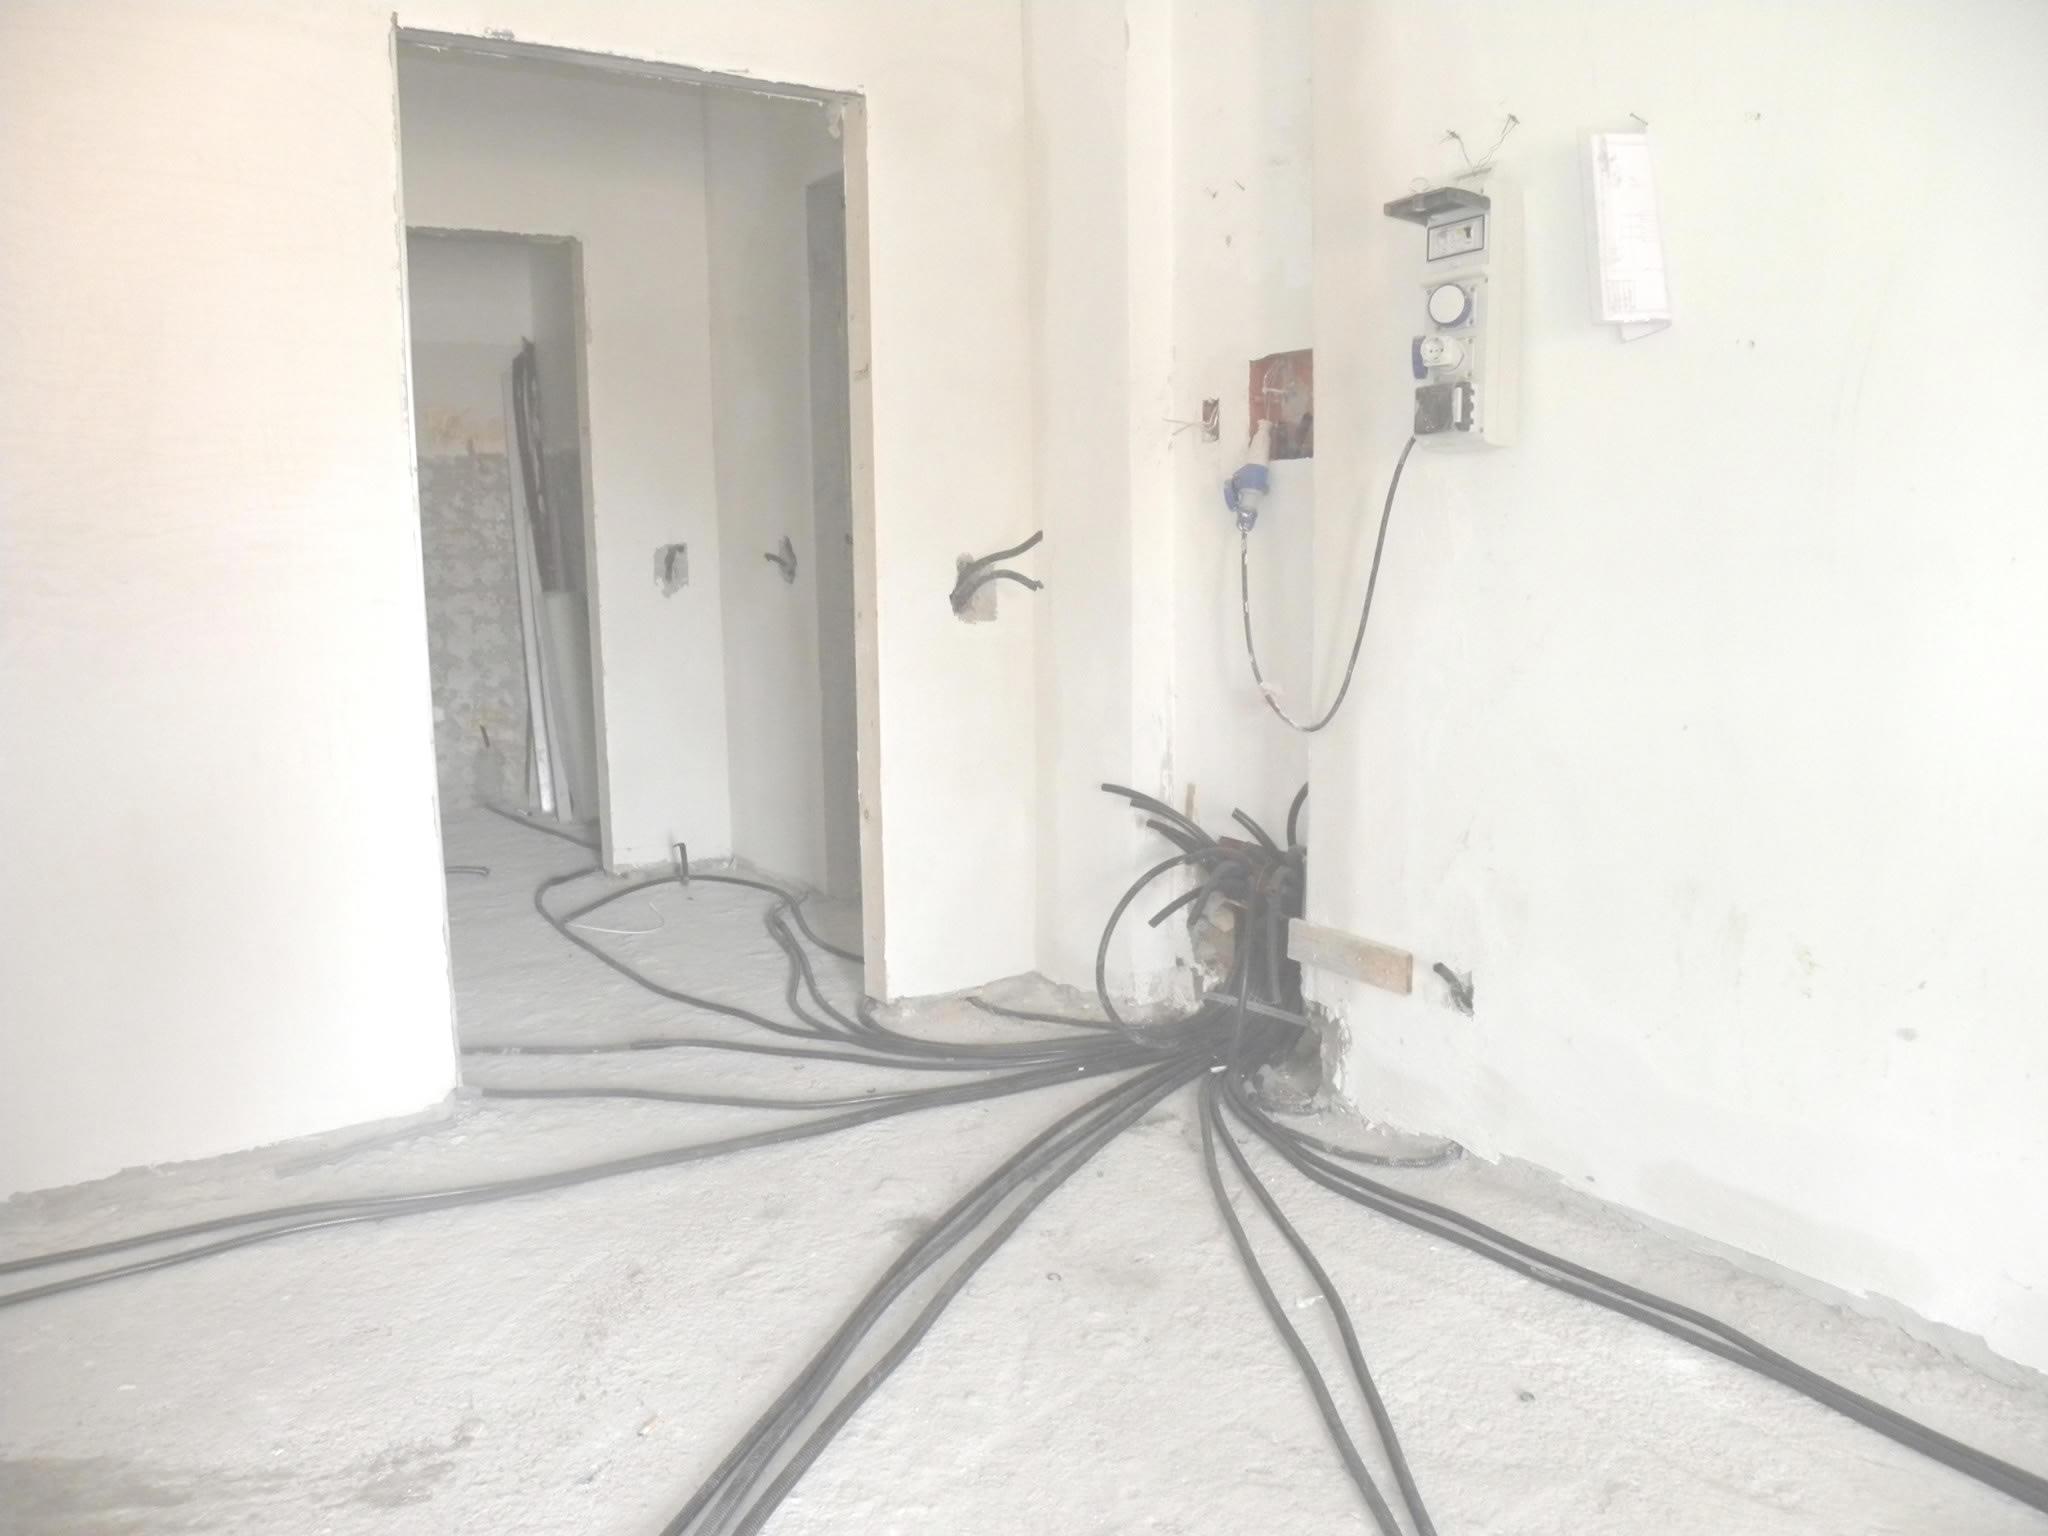 Quanto costa ristrutturare appartamento roma - Costo medio ristrutturazione bagno ...